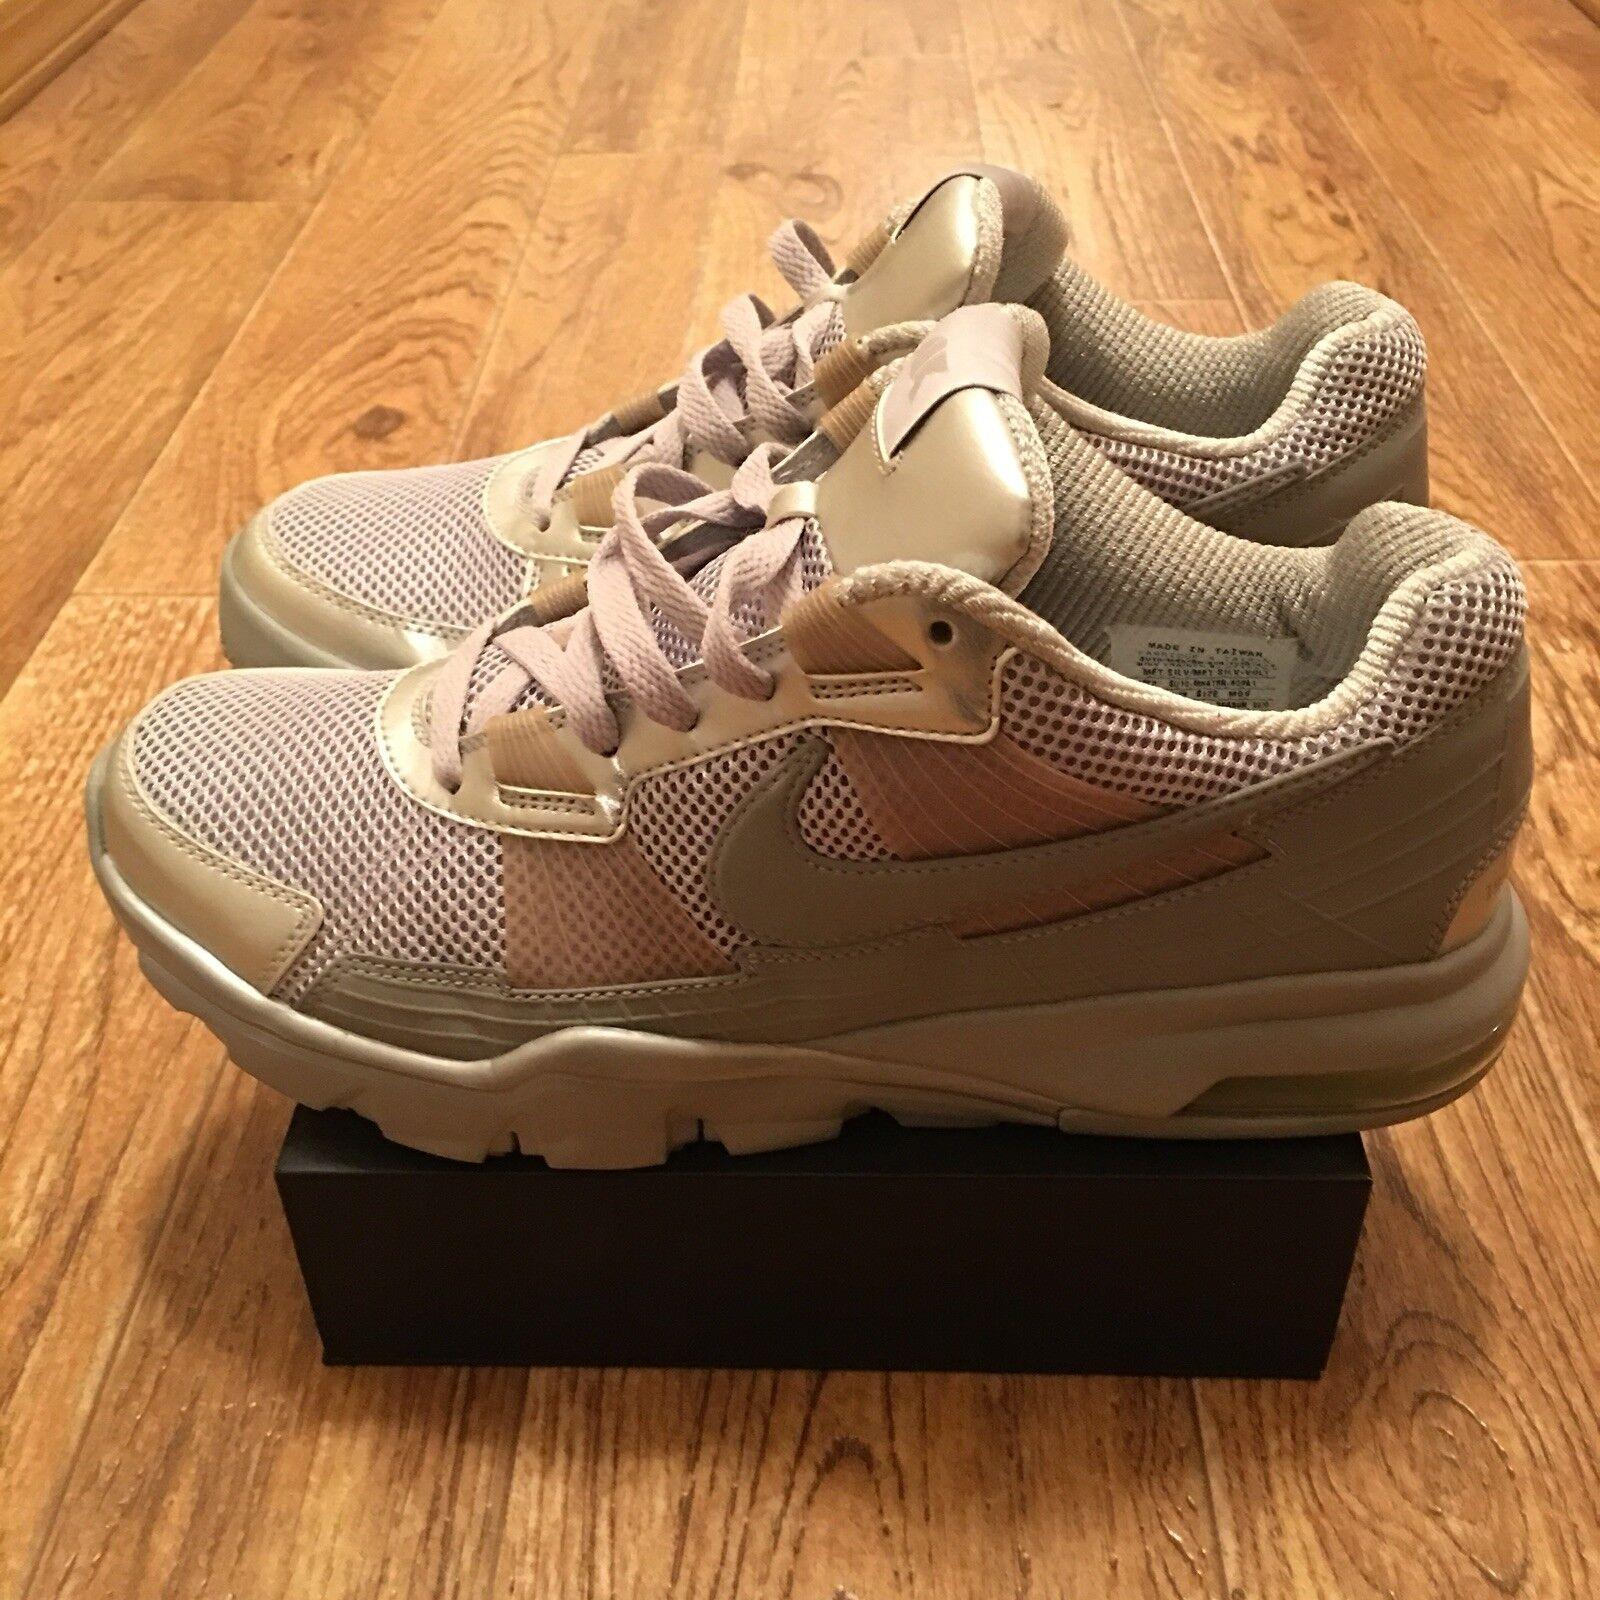 Nike trainer sc 2010 basso Uomo * scarpe silver / volt * Uomo non * paquiao solette Uomo s 9 4e5201